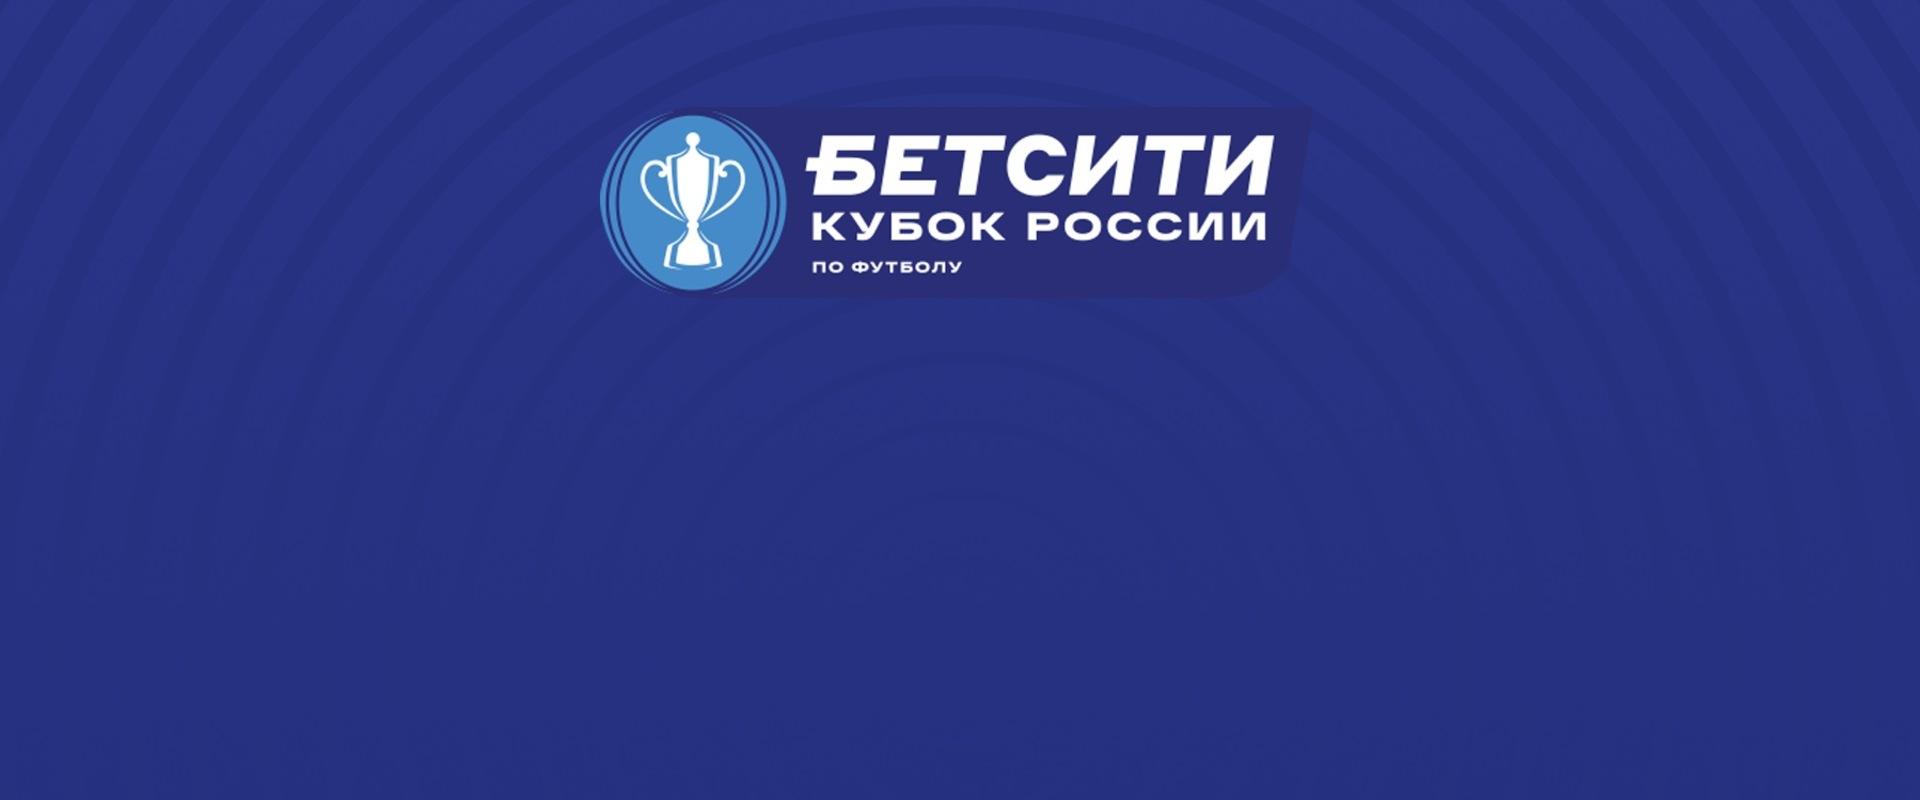 Определены все участники 1/8 финала Бетсити Кубка России